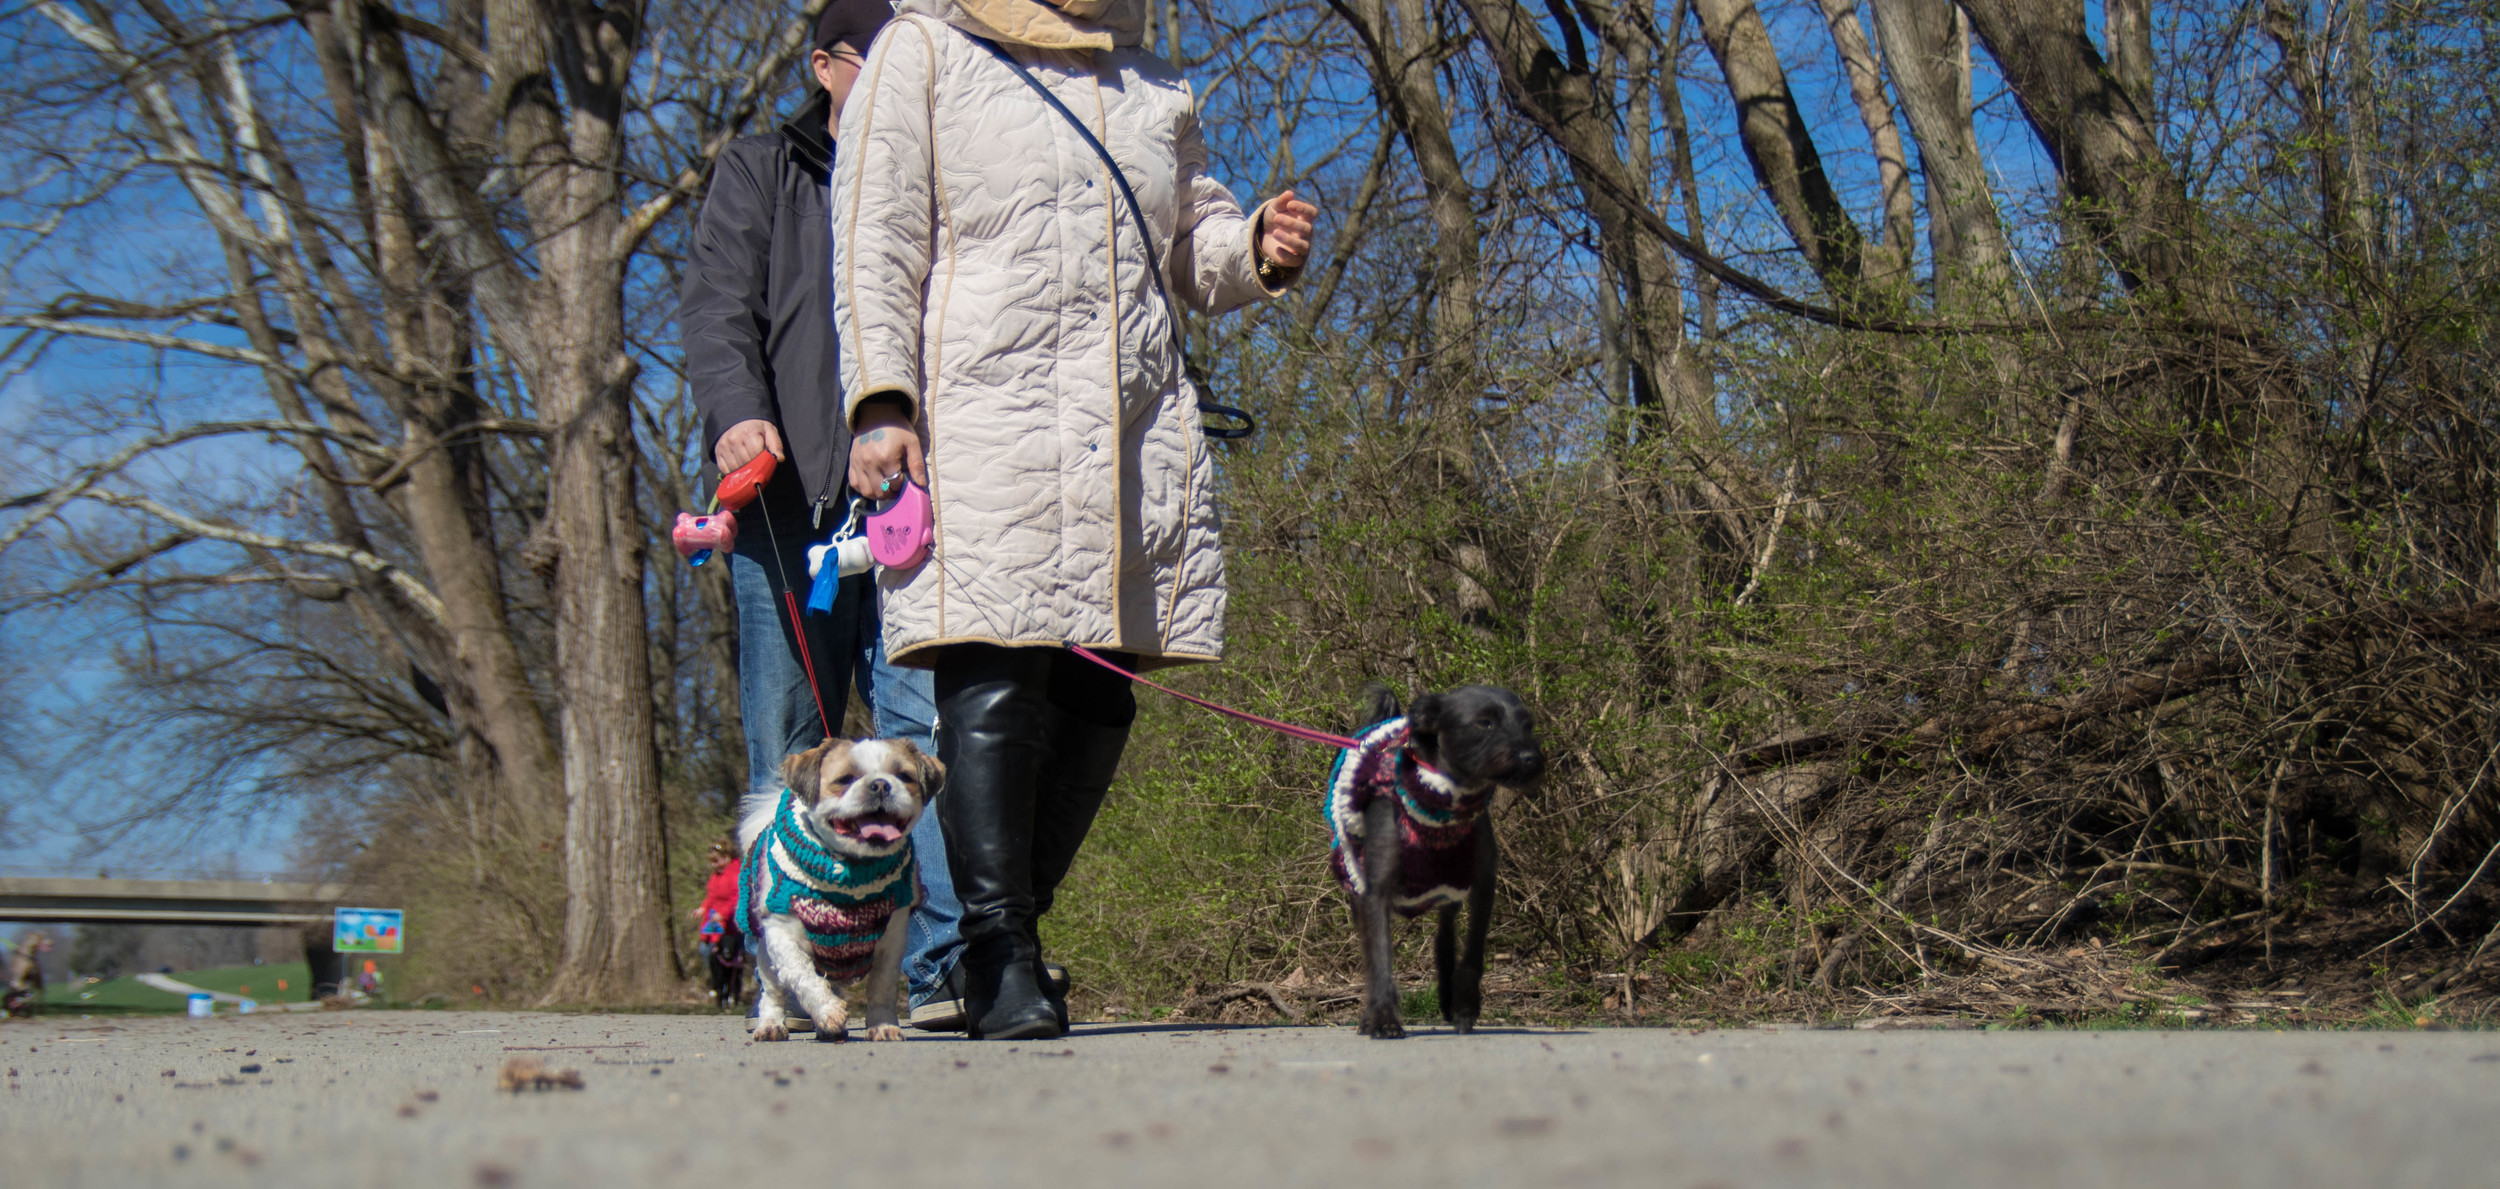 Dog_EasterEggHunt-53.jpg